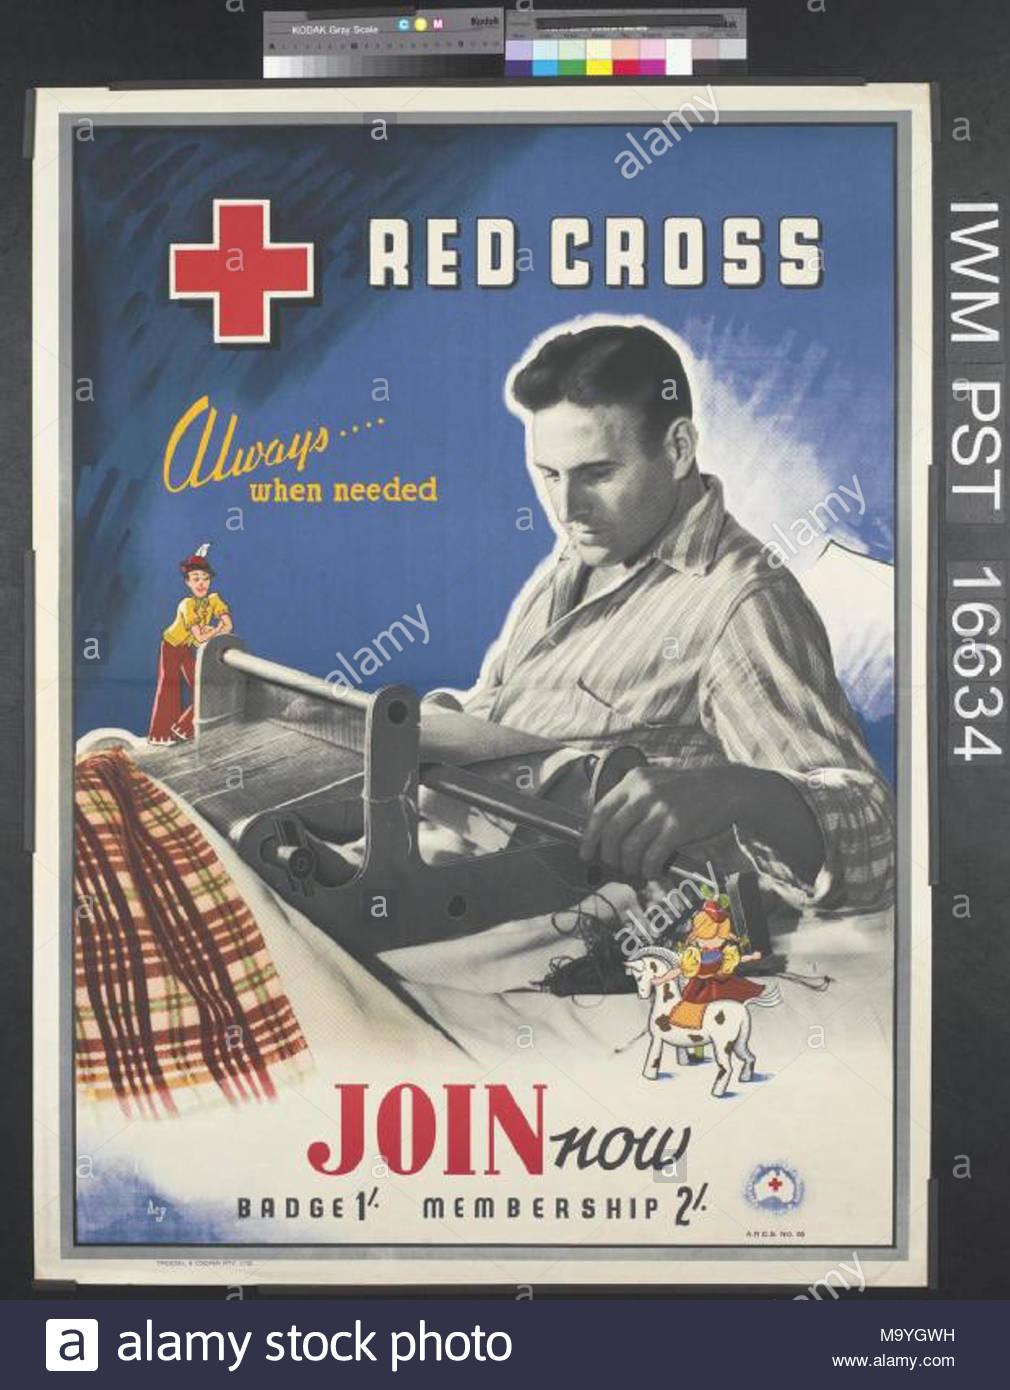 Croix Rouge Toujours Quand Necessaire Ensemble L Image Occupe